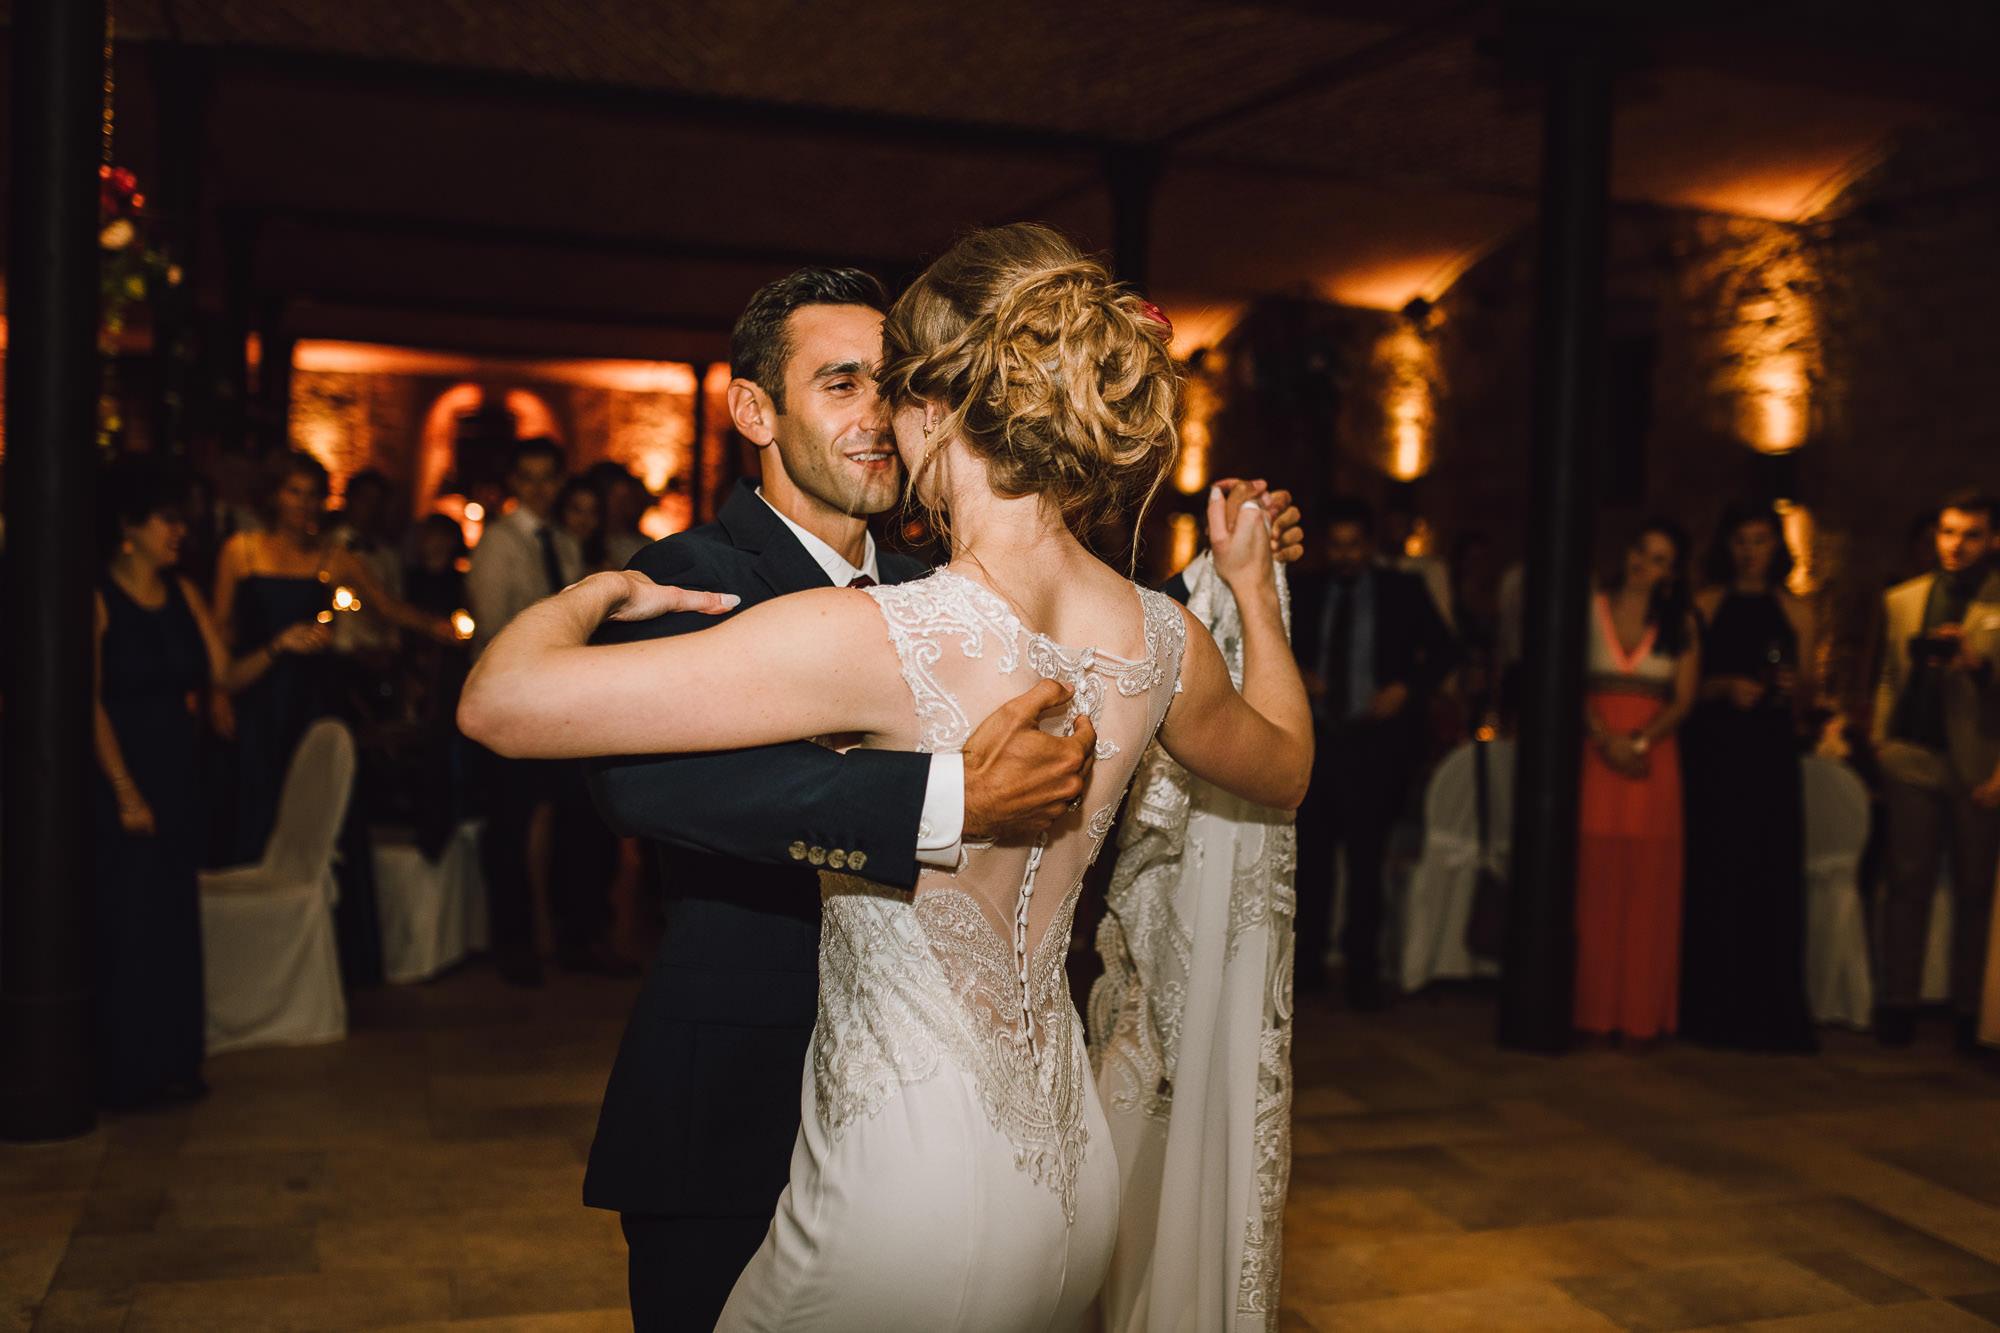 rustic-elegant-wedding-schloss-hochzeit-eyrichshof-franken-bamberg-137